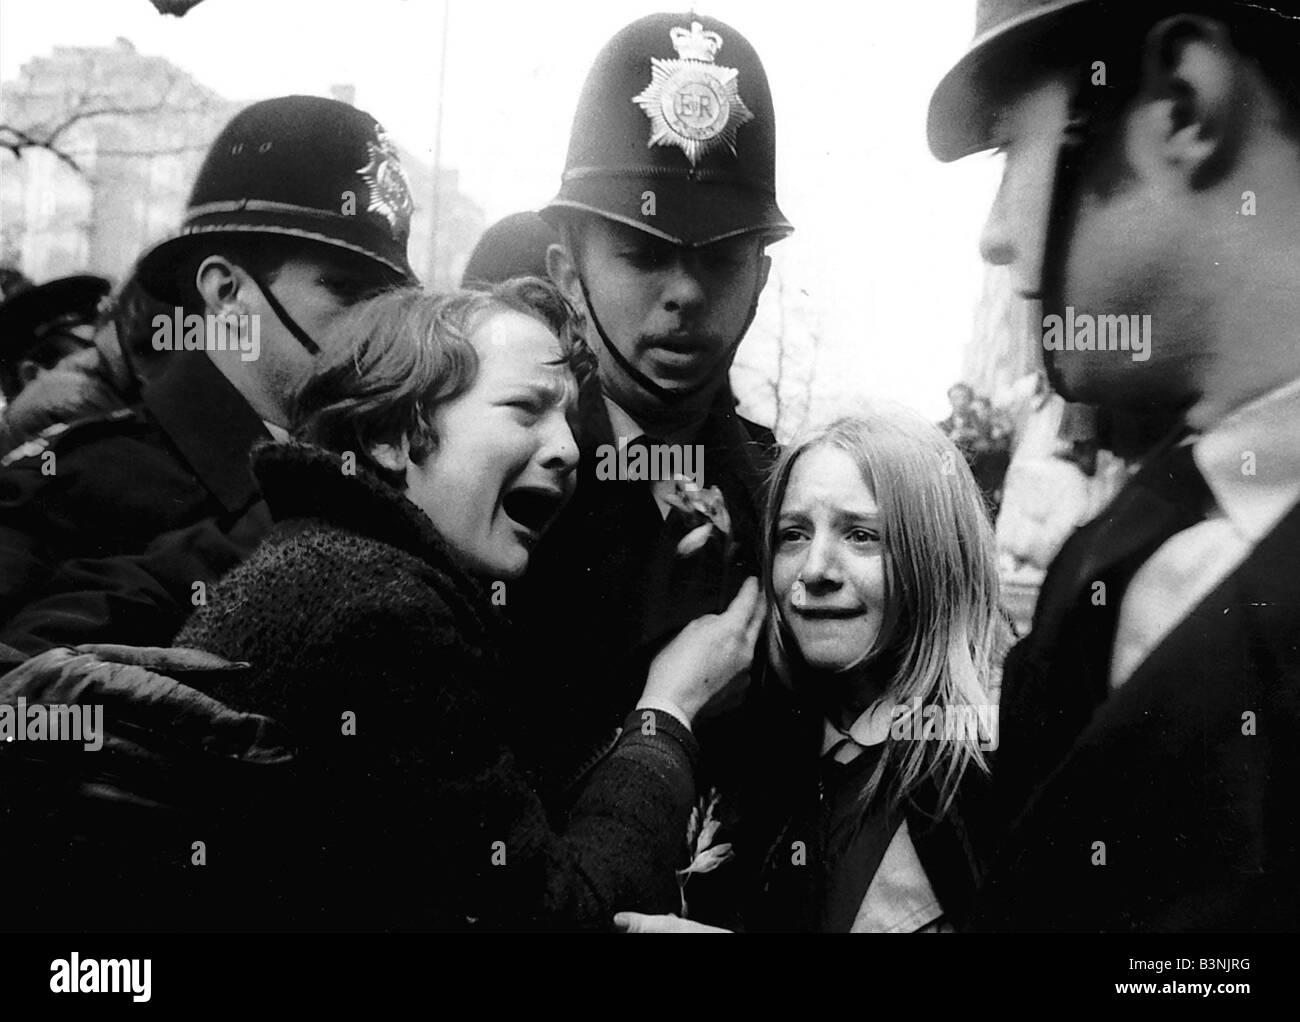 Malestar Beatles fans llorando porque Paul McCartney se casó son llevados por la policía de marzo de 1969 Imagen De Stock